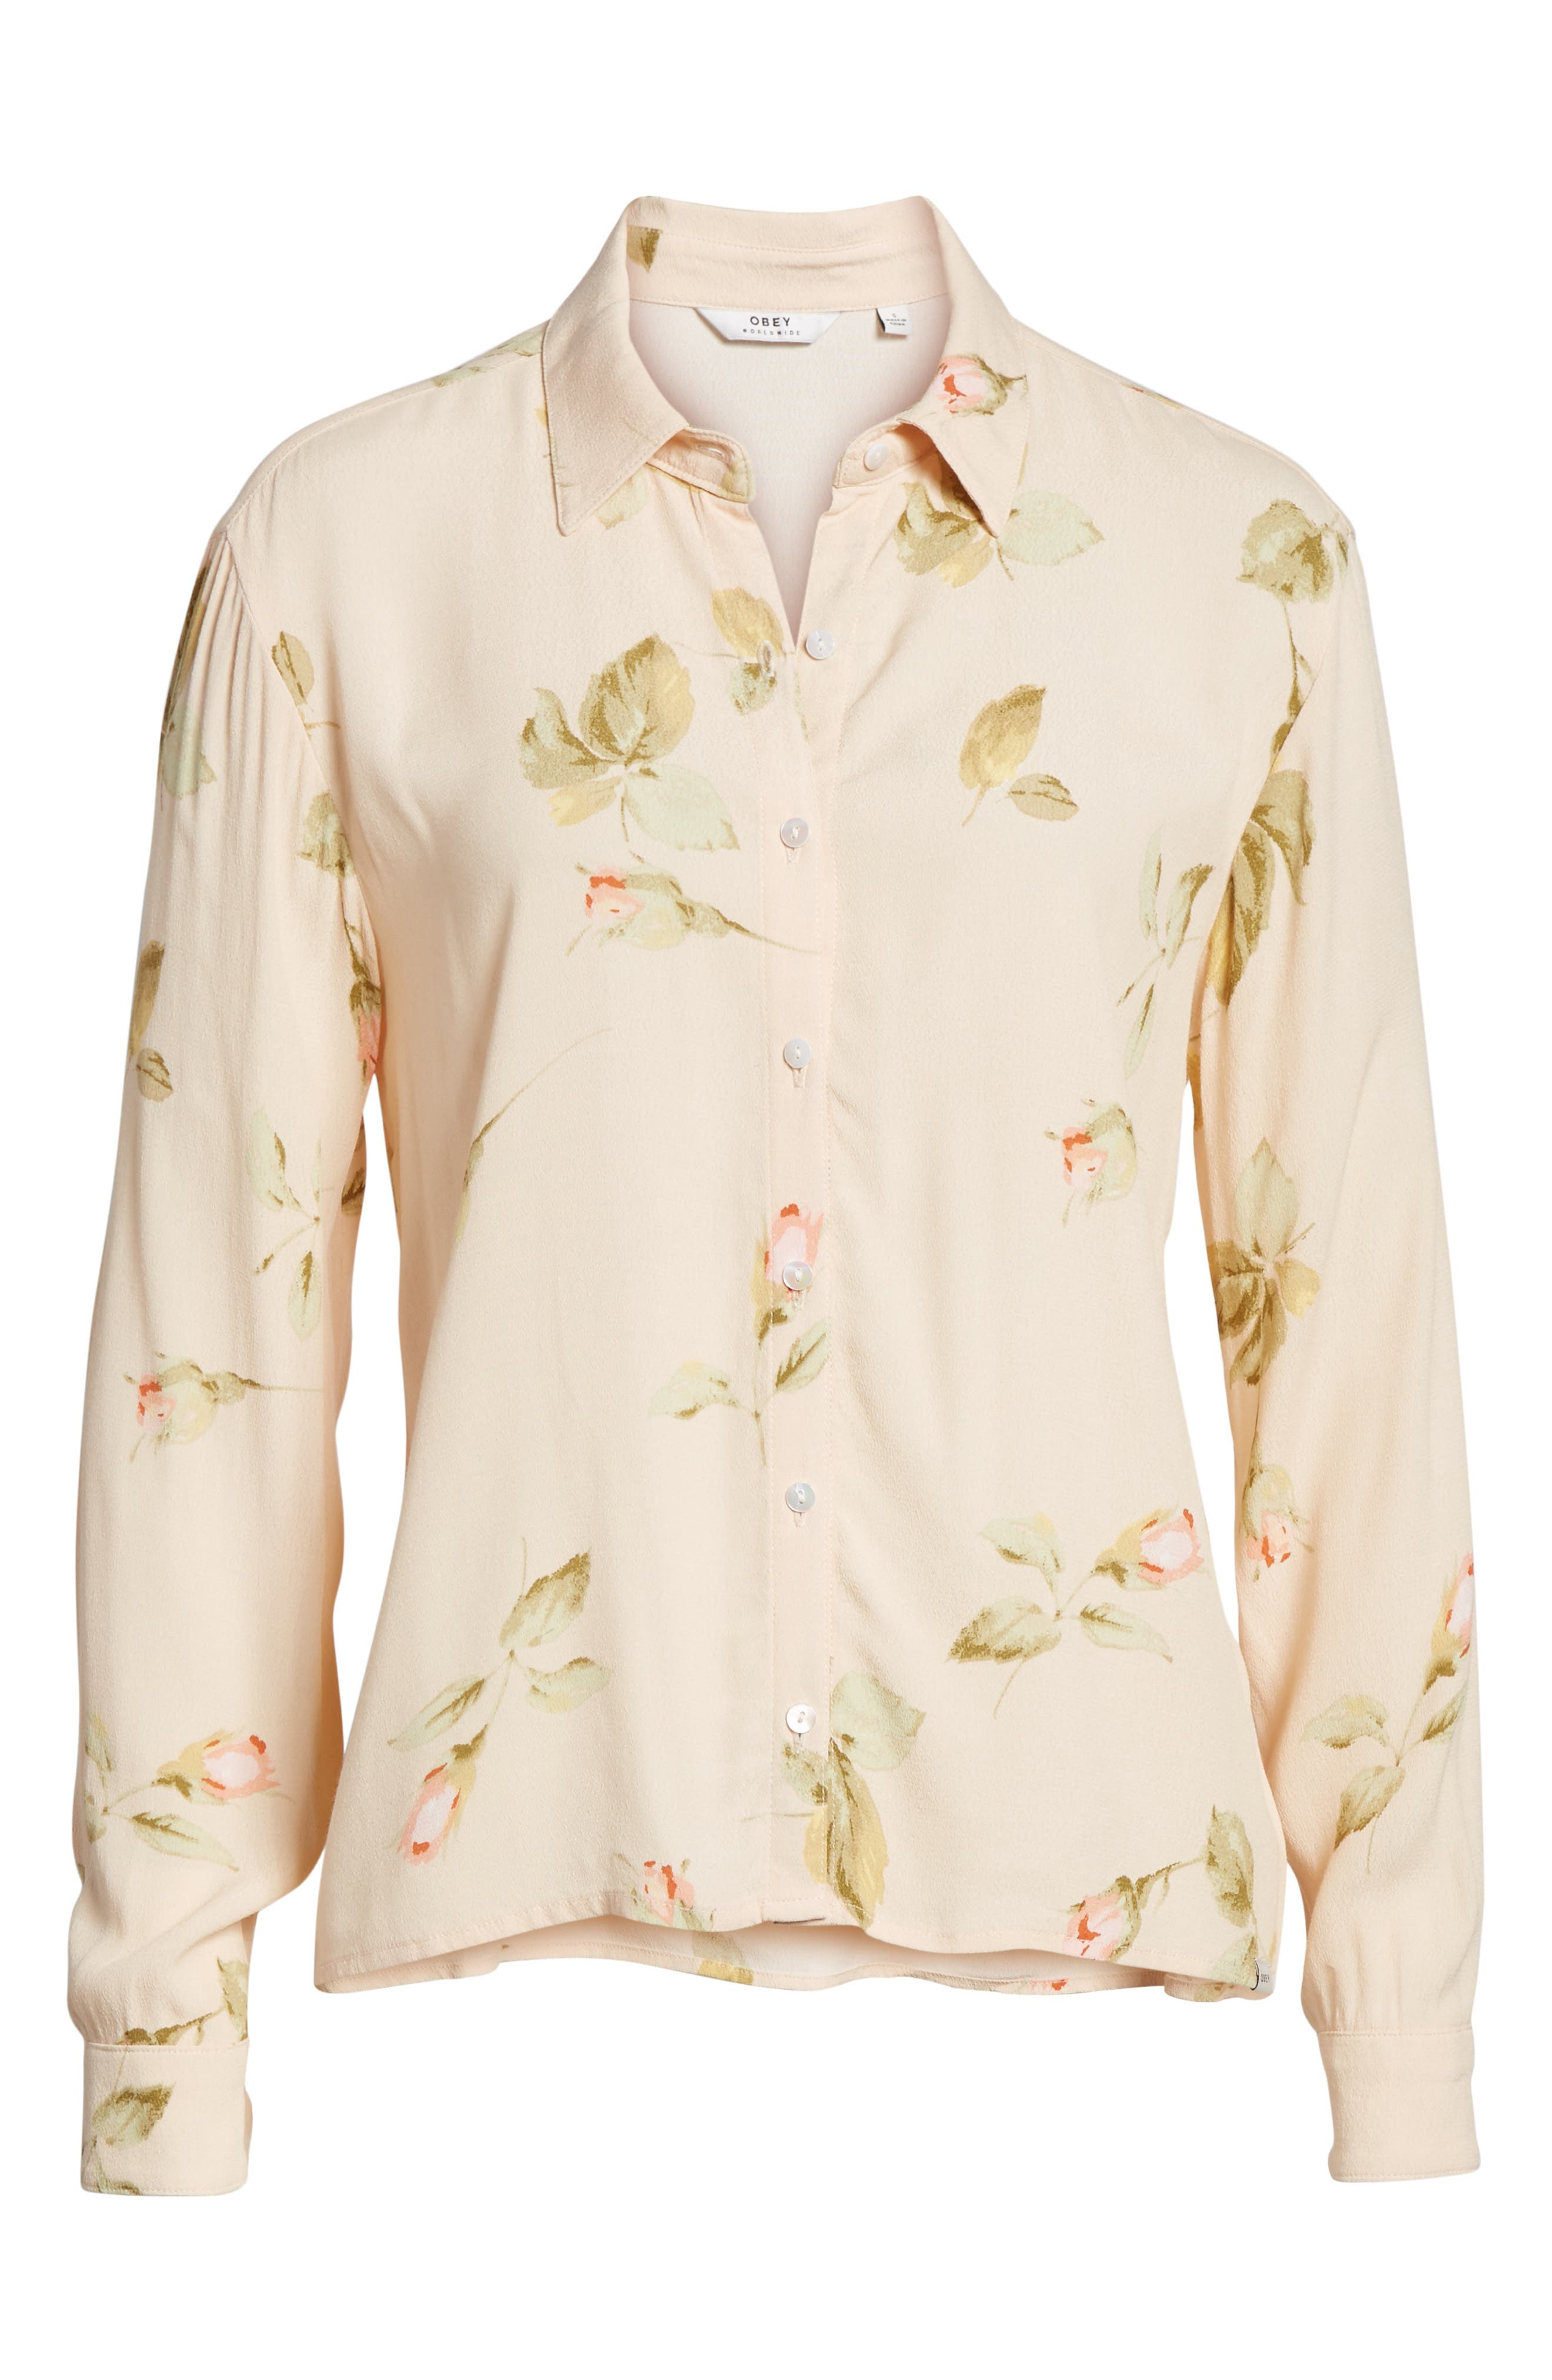 Sinclair Floral Print Shirt,                             Alternate thumbnail 6, color,                             250